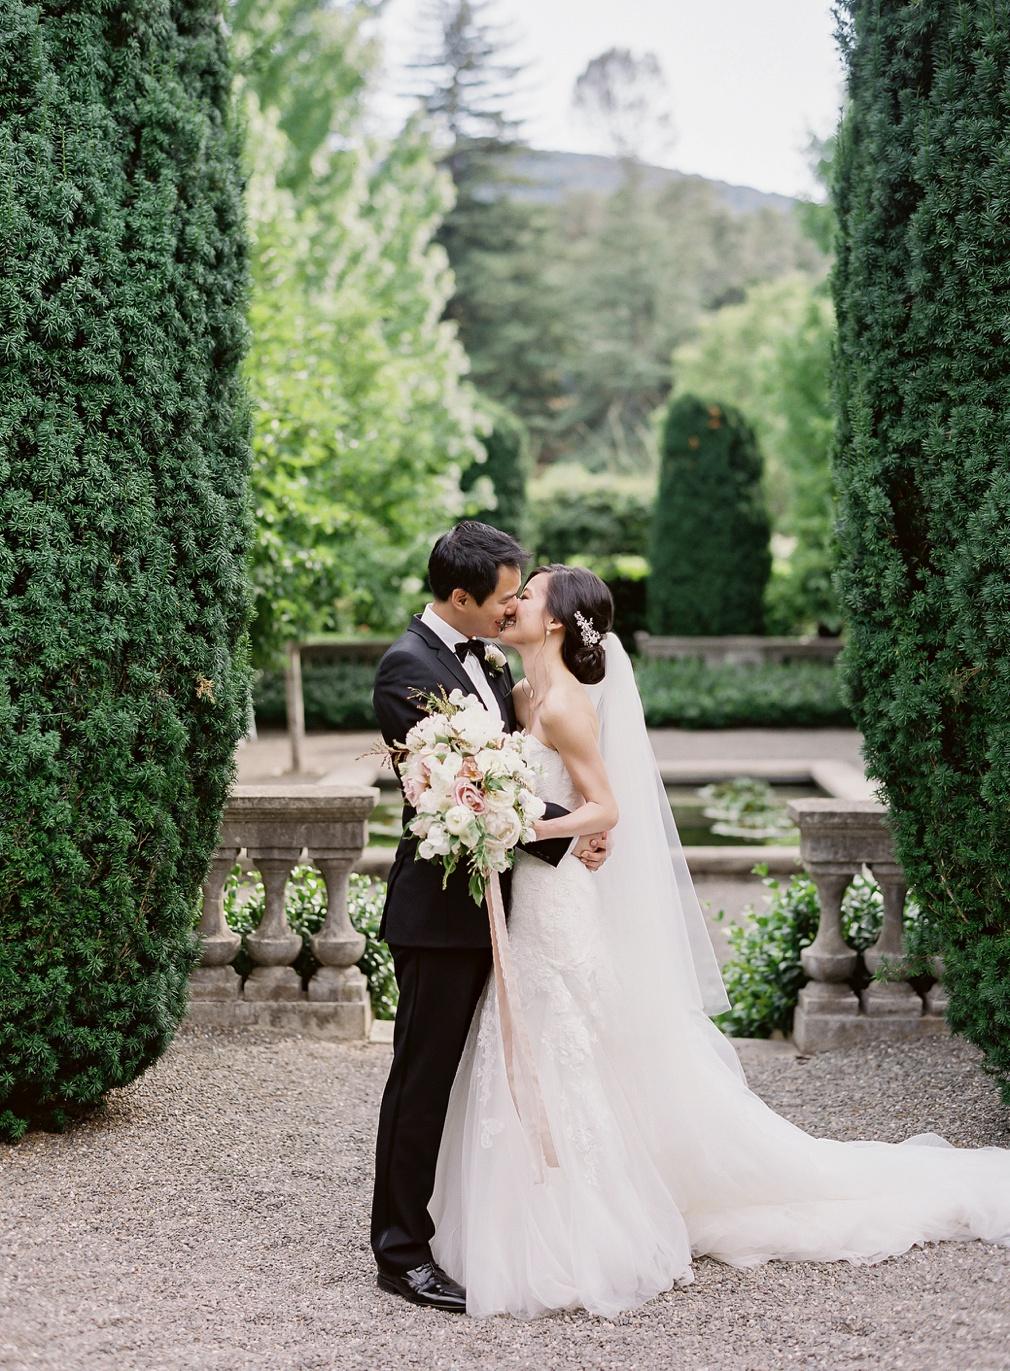 Vicki_Grafton_Photography_beaulieu_gardens+6-24-17-637.JPG